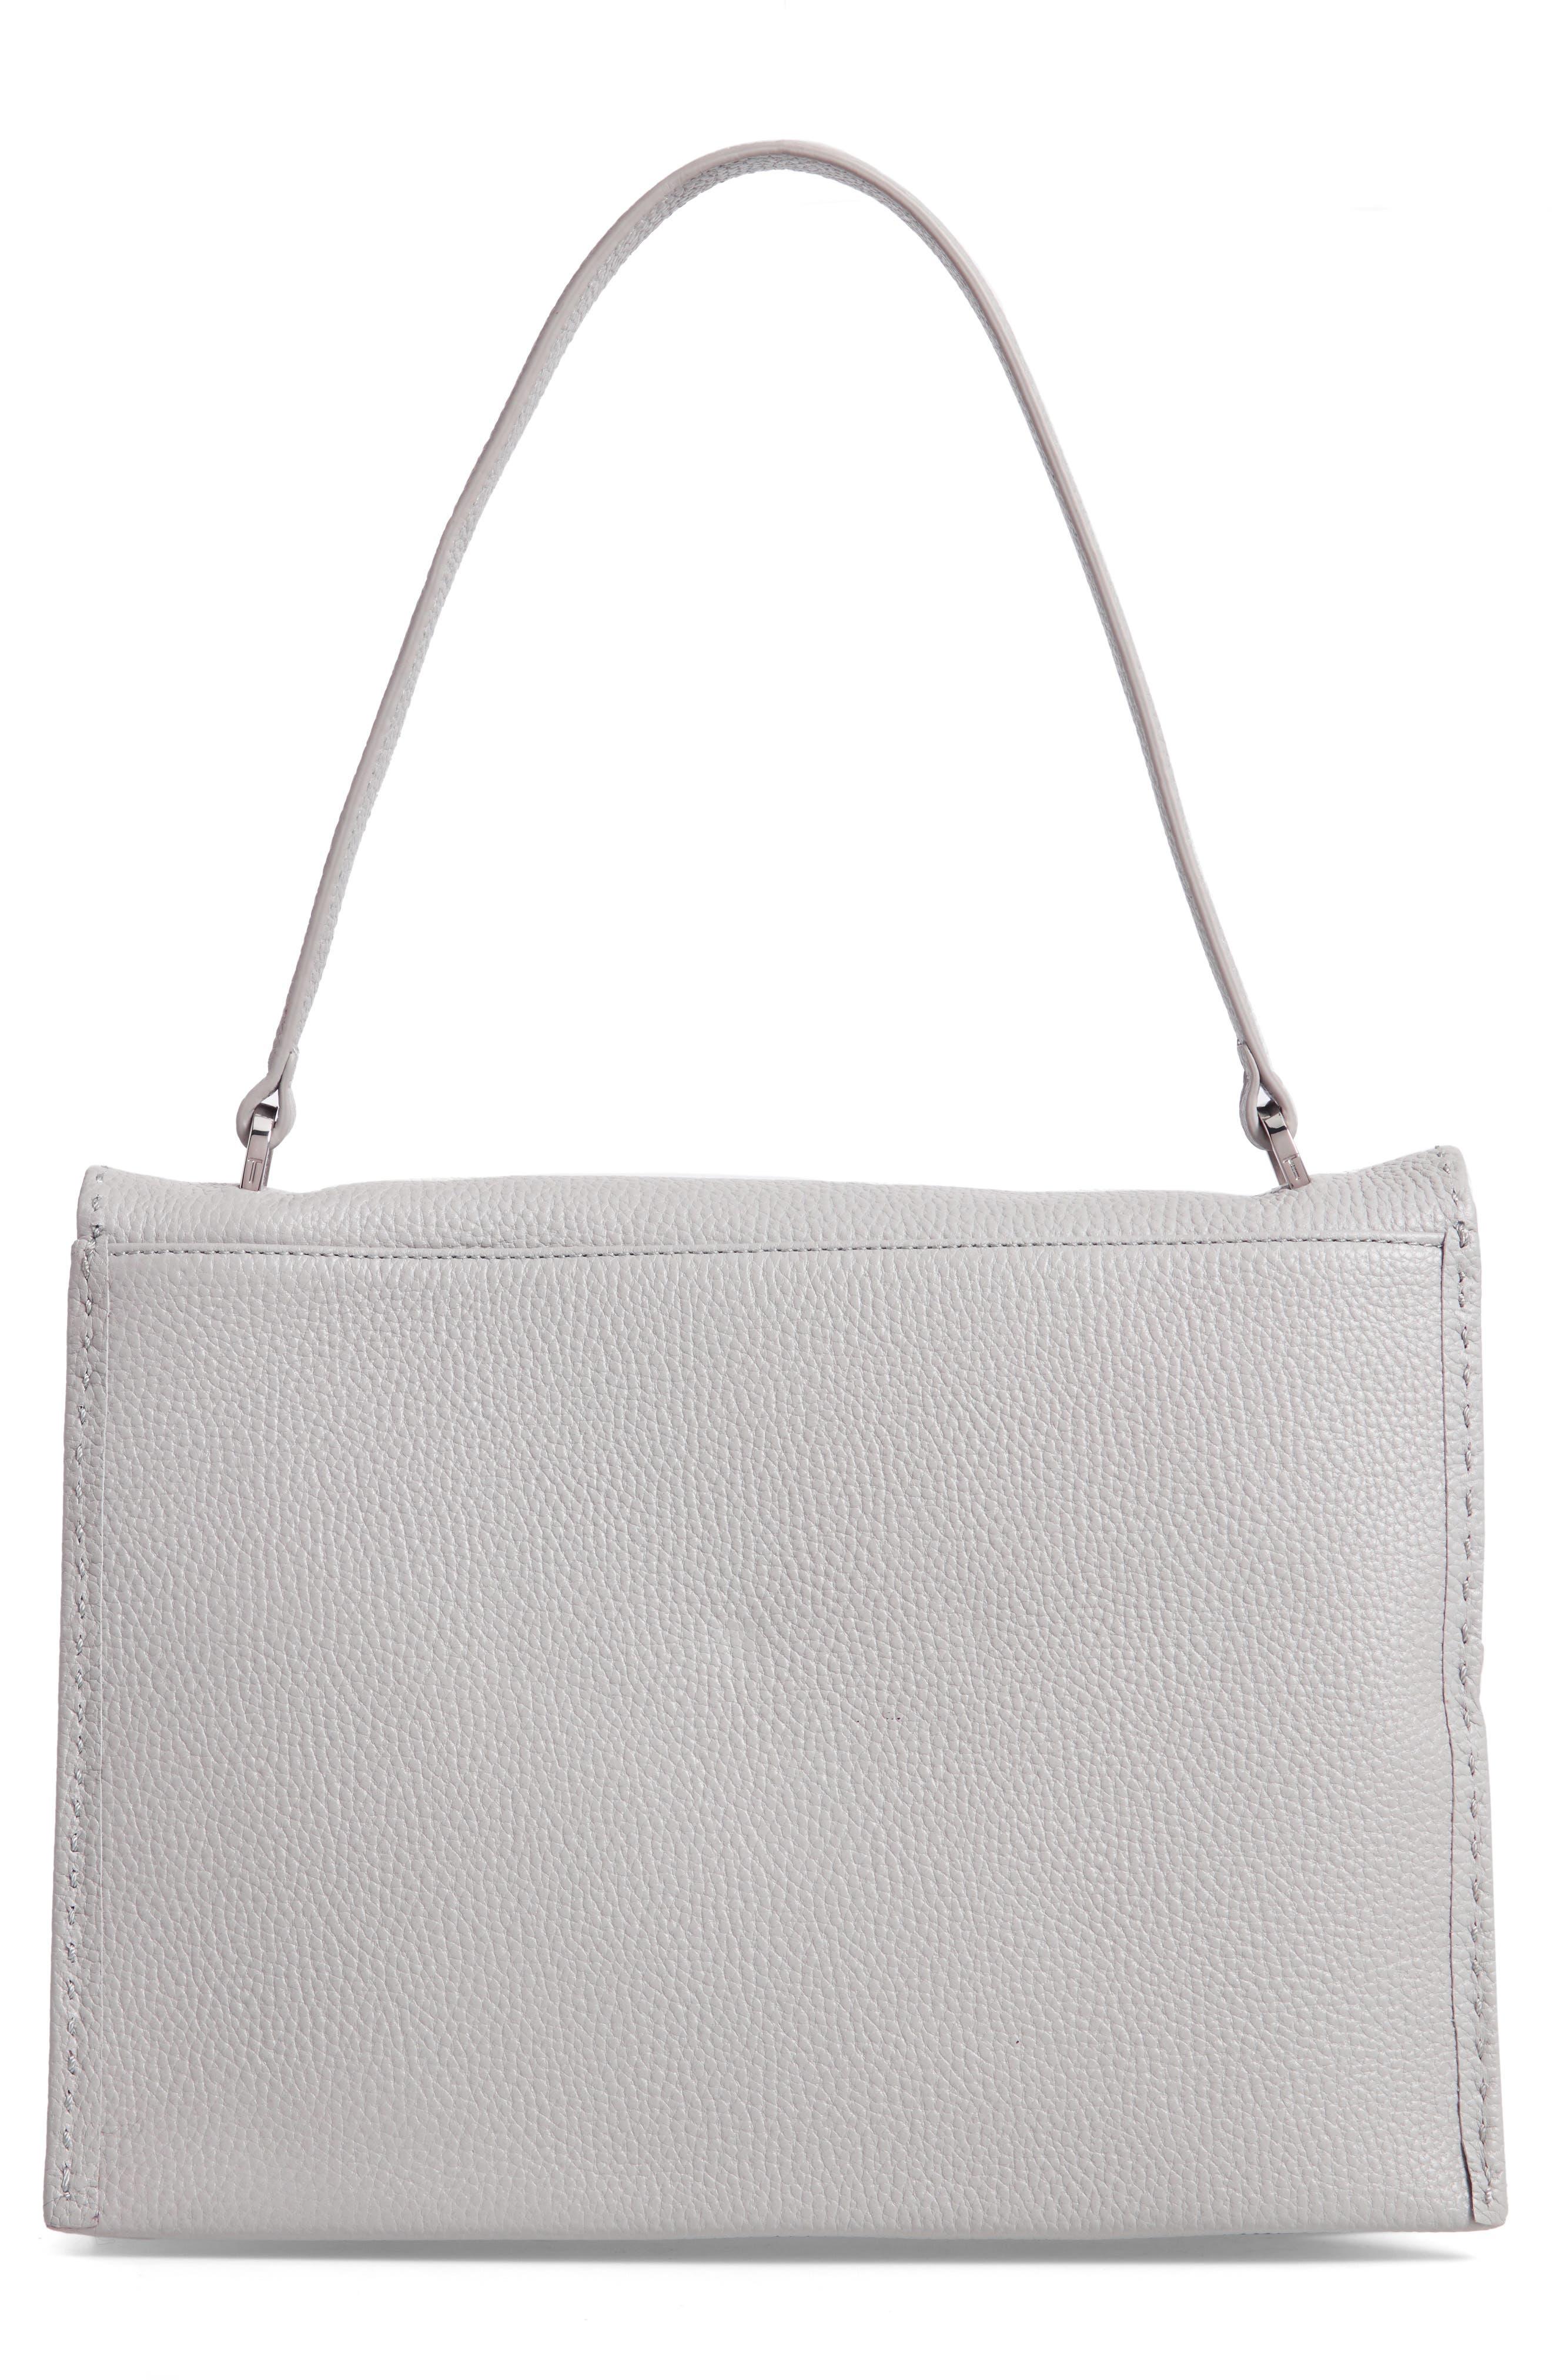 Jessi Leather Shoulder Bag,                             Alternate thumbnail 3, color,                             GREY